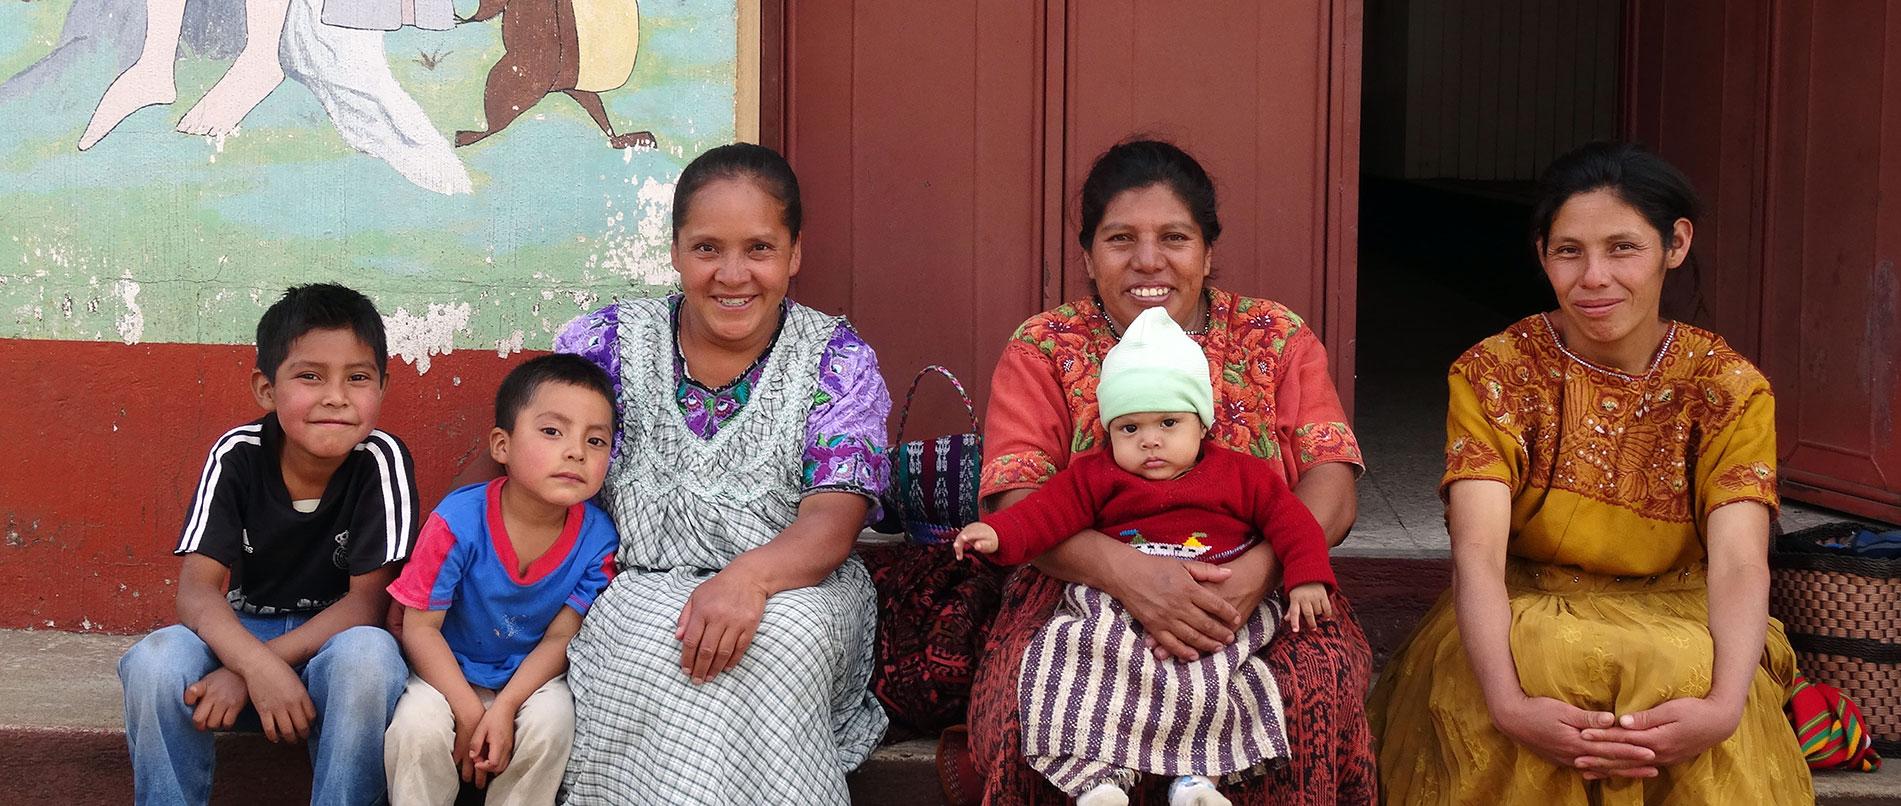 Human-Rights-Guatemala-cover